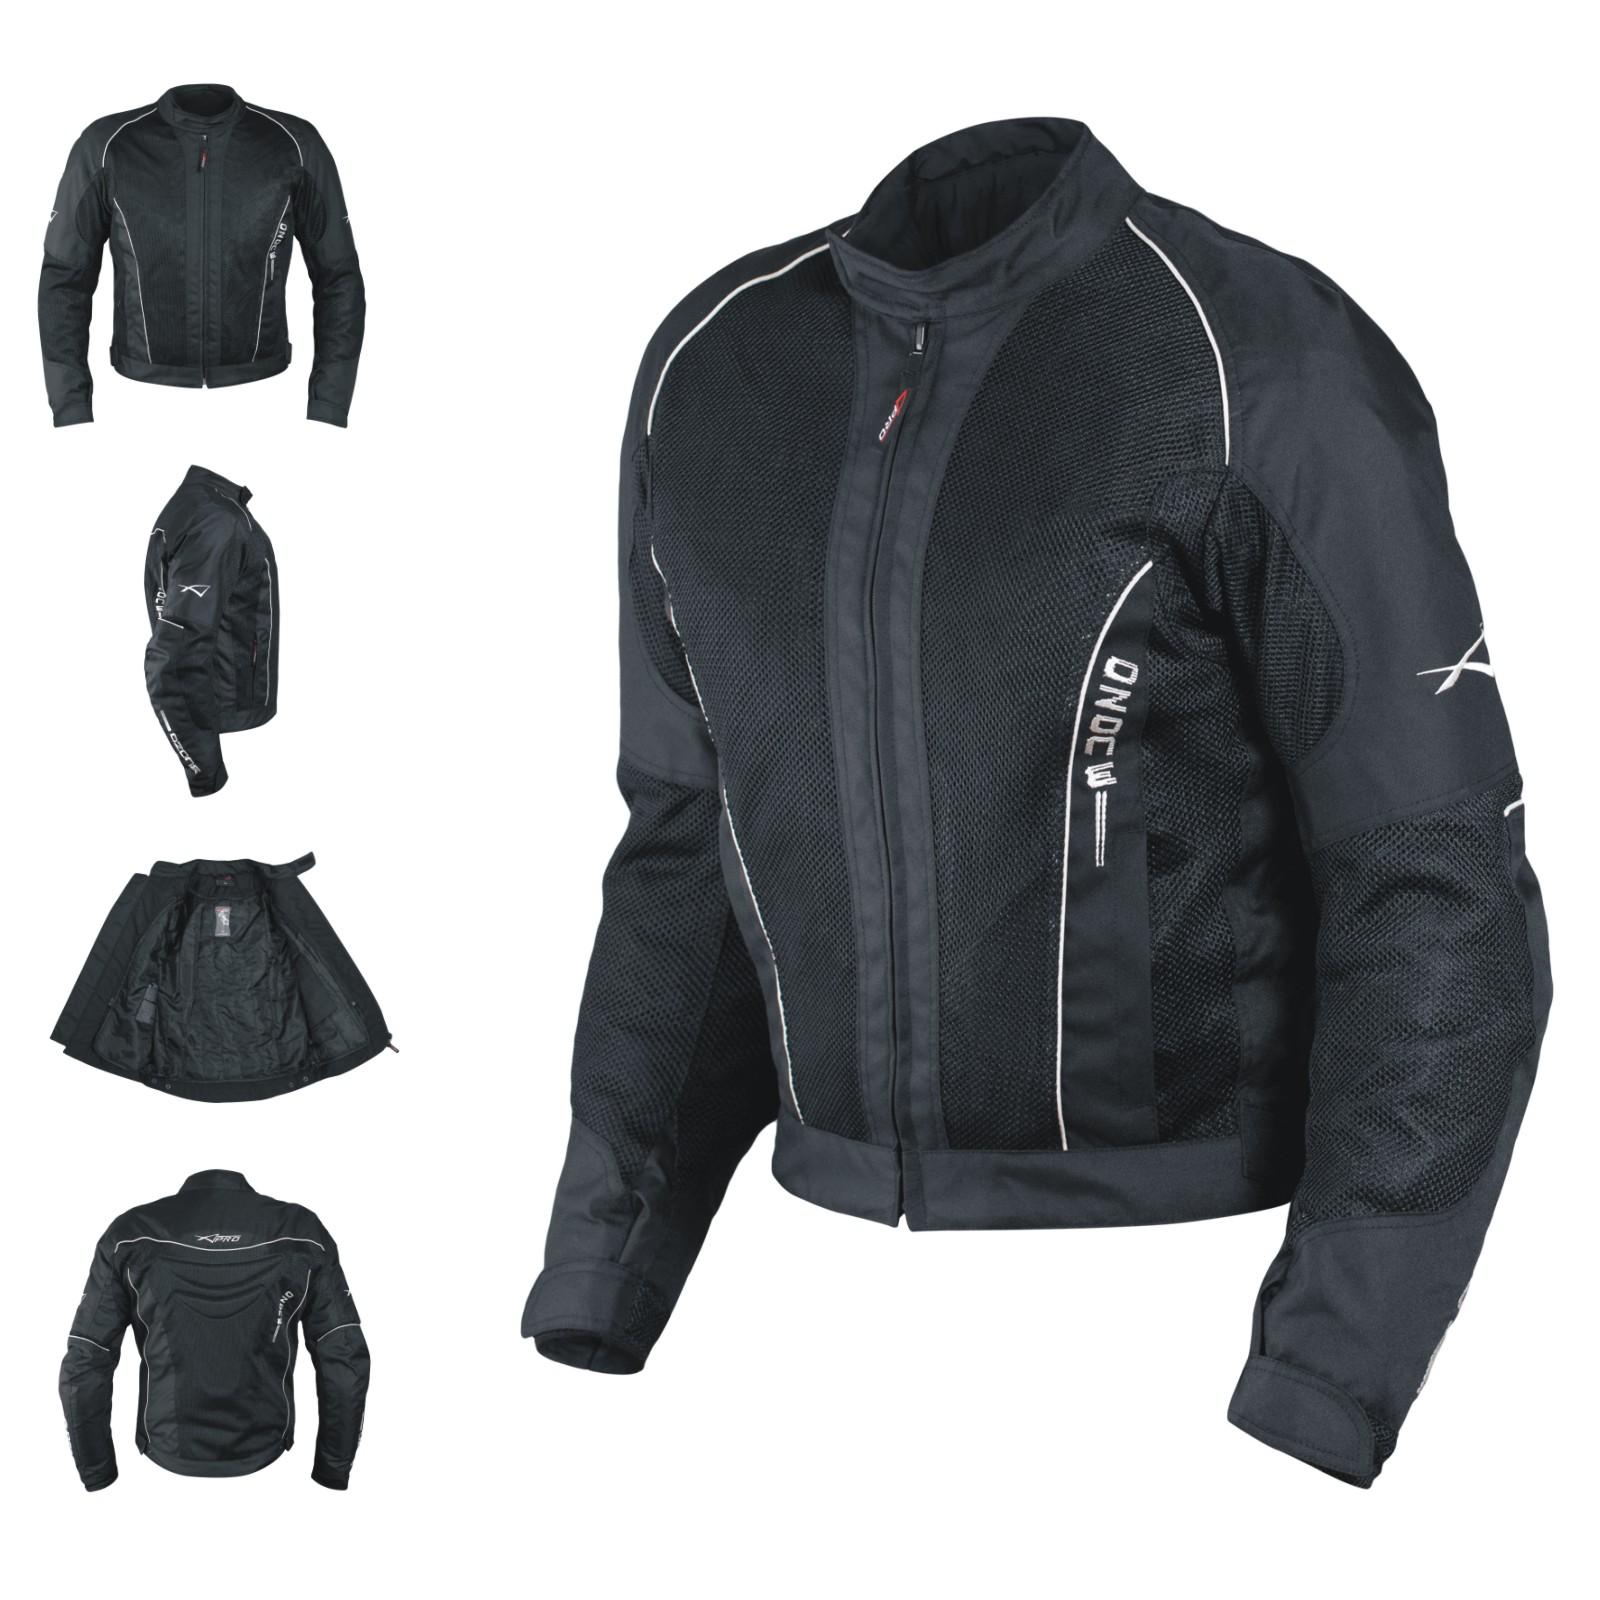 Giacca-Giubbino-Mesh-Traforato-Traspirante-Tessuto-Tecnico-Moto-Touring-Sport